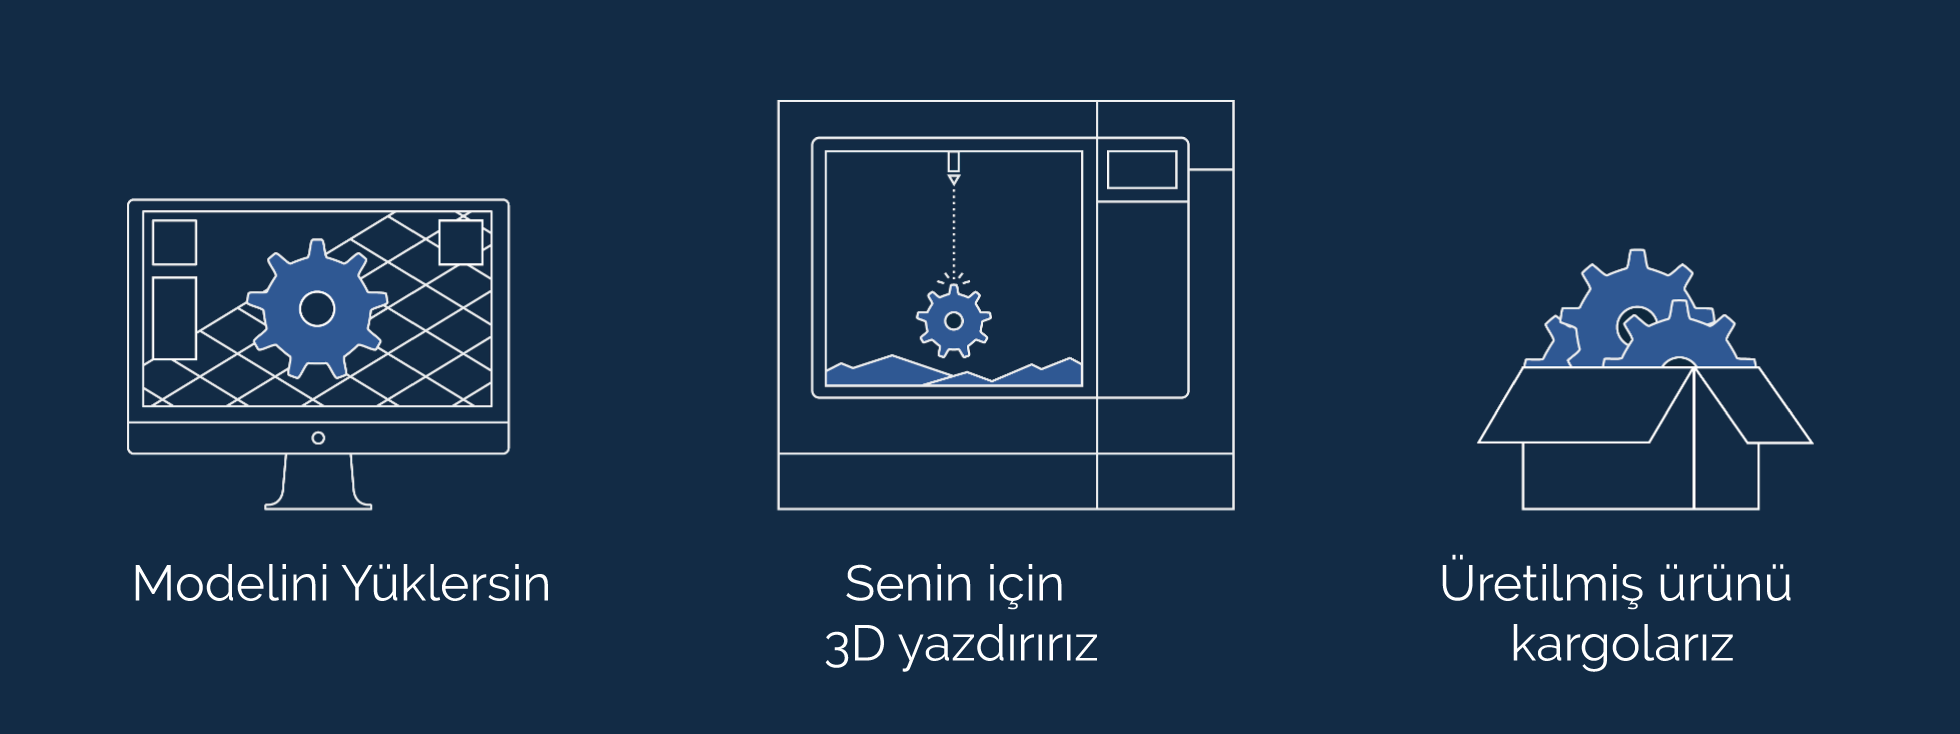 3D Baskı Zübeydehanım